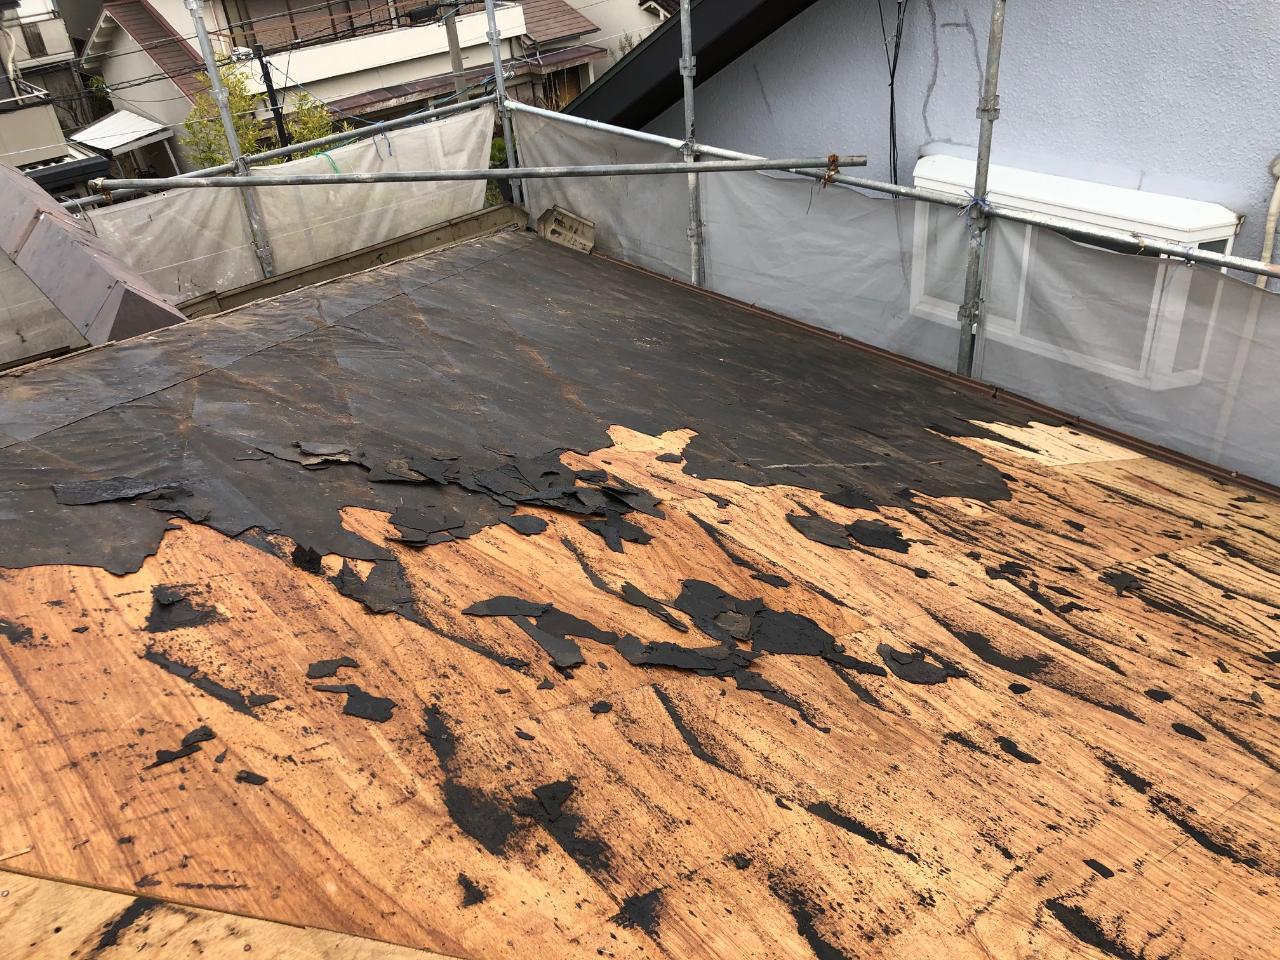 屋根葺き替え工事で既存の防水シートを撤去している様子